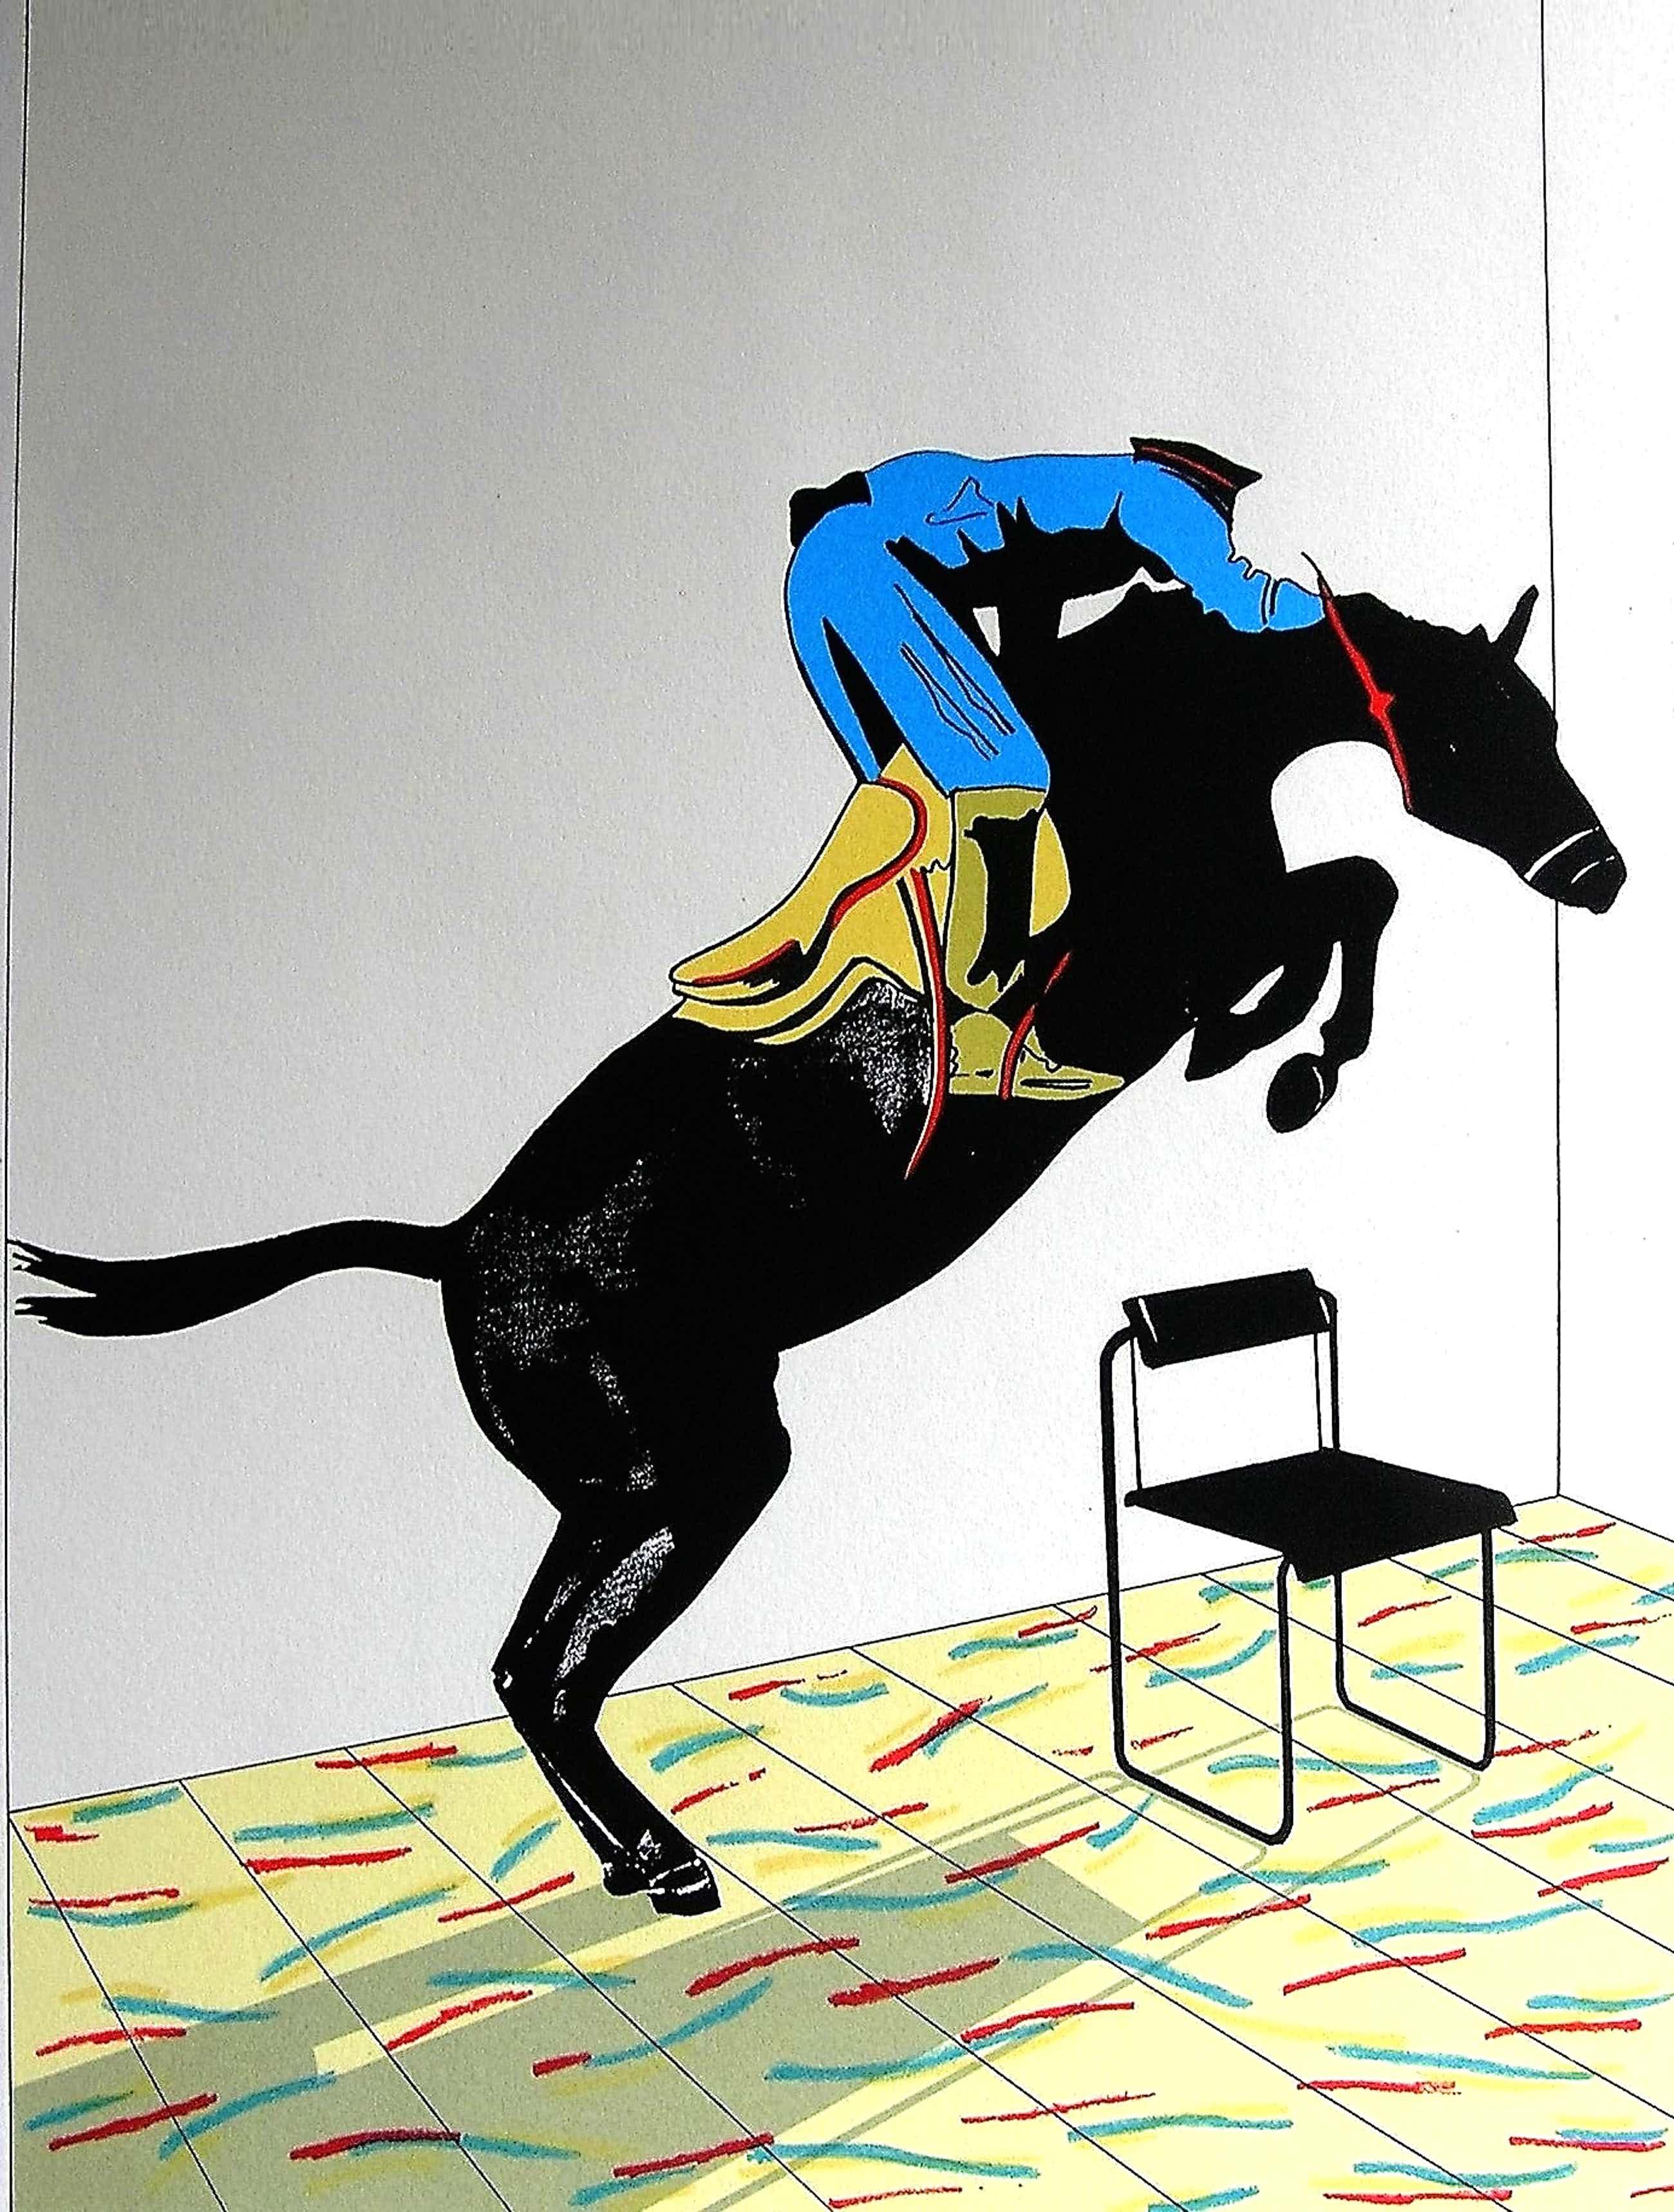 Hans Wap - Zeefdruk 'De Sprong' uit de Grafiekserie 'Het Dagelijks Leven' 1987 kopen? Bied vanaf 50!